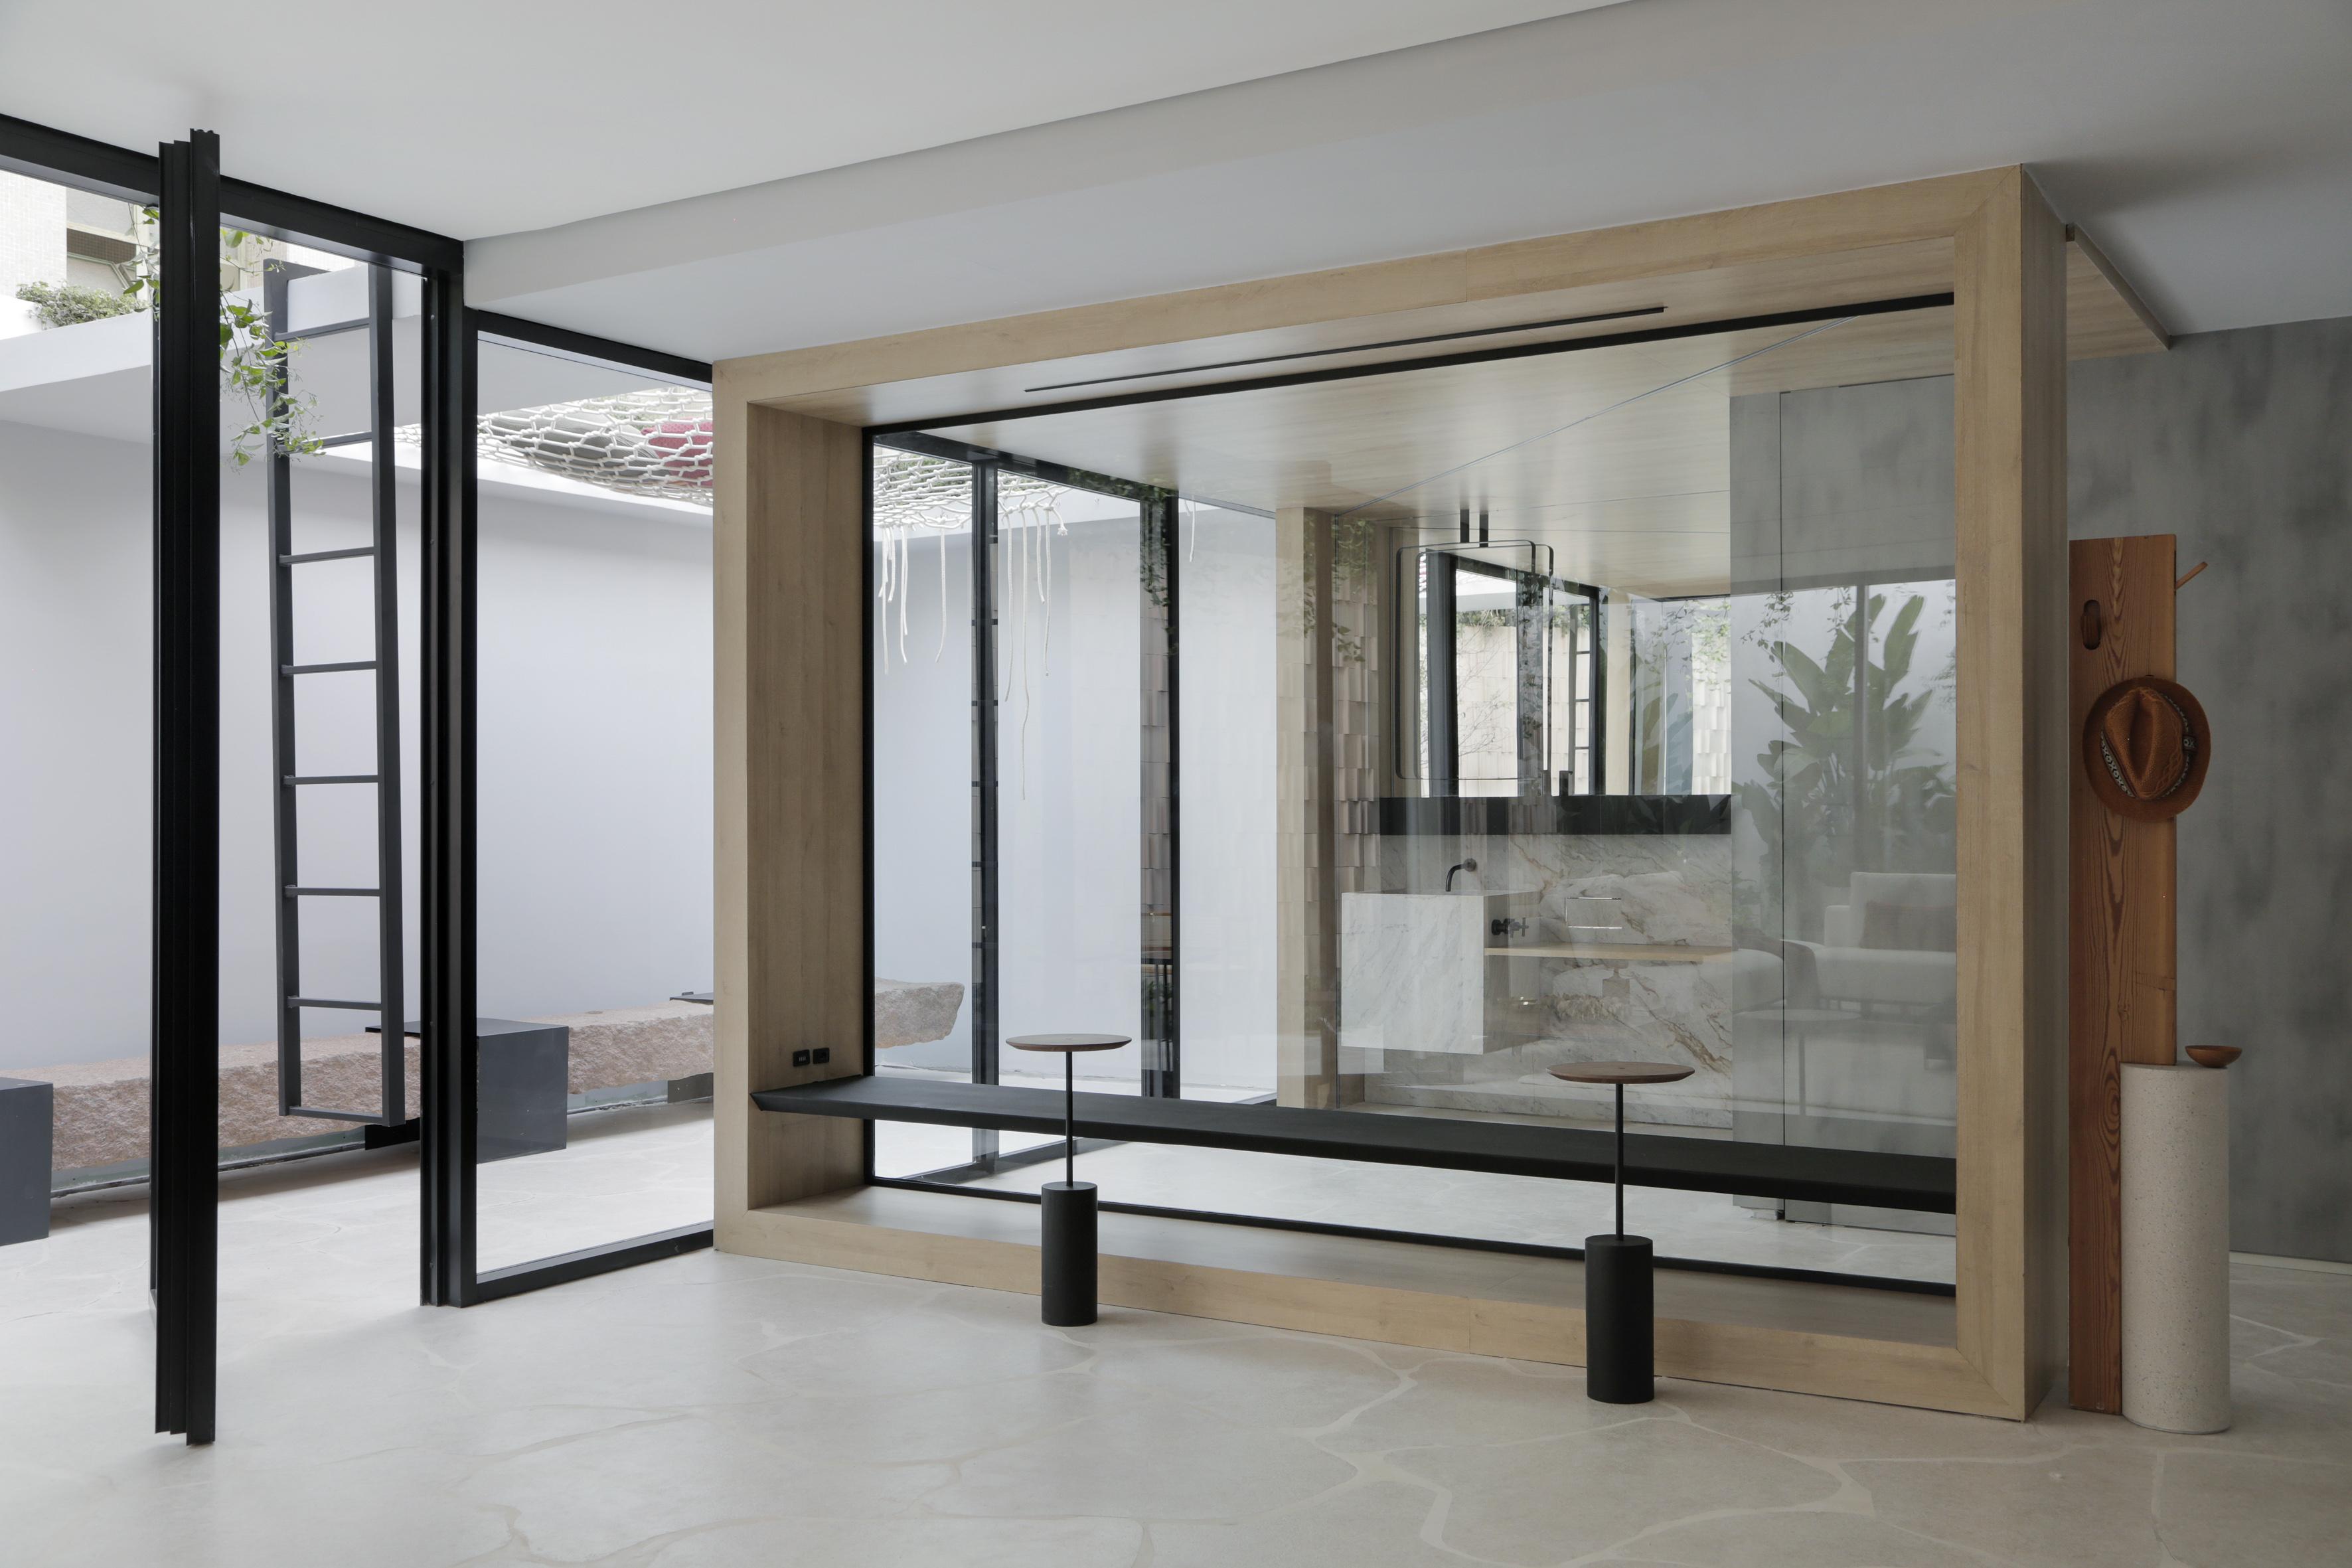 Casa Conecta: Ticiane Lima, CASACOR SP 2019.  Living e banheiros divididos por uma parede de vidro.  cabideira de chapéus, piso em formato de rochas e panos de vidro que limitam área interna e externa.